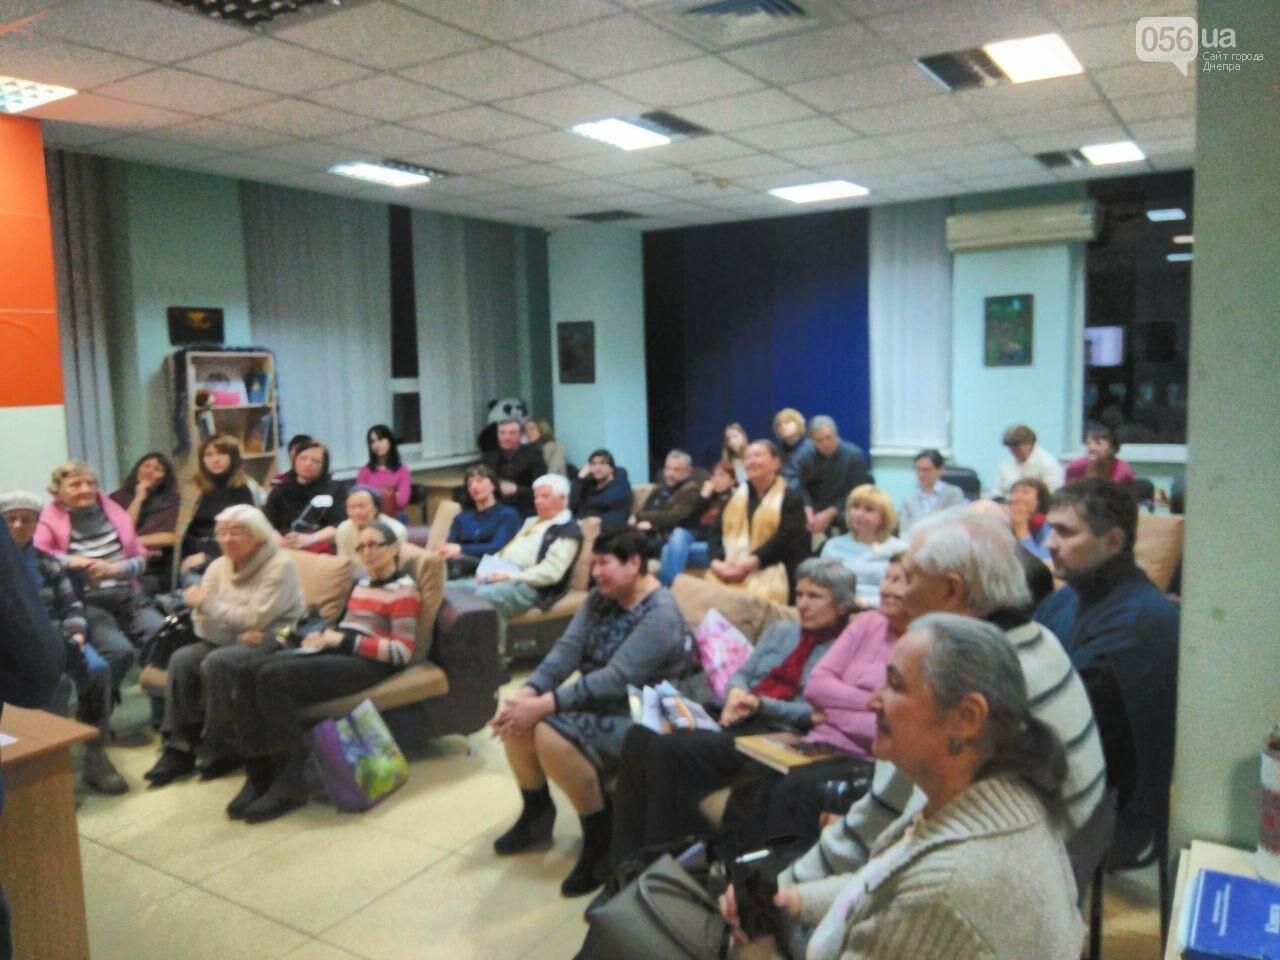 В Днепре презентовали книгу, посвященную местной деревне, - ФОТО, фото-2